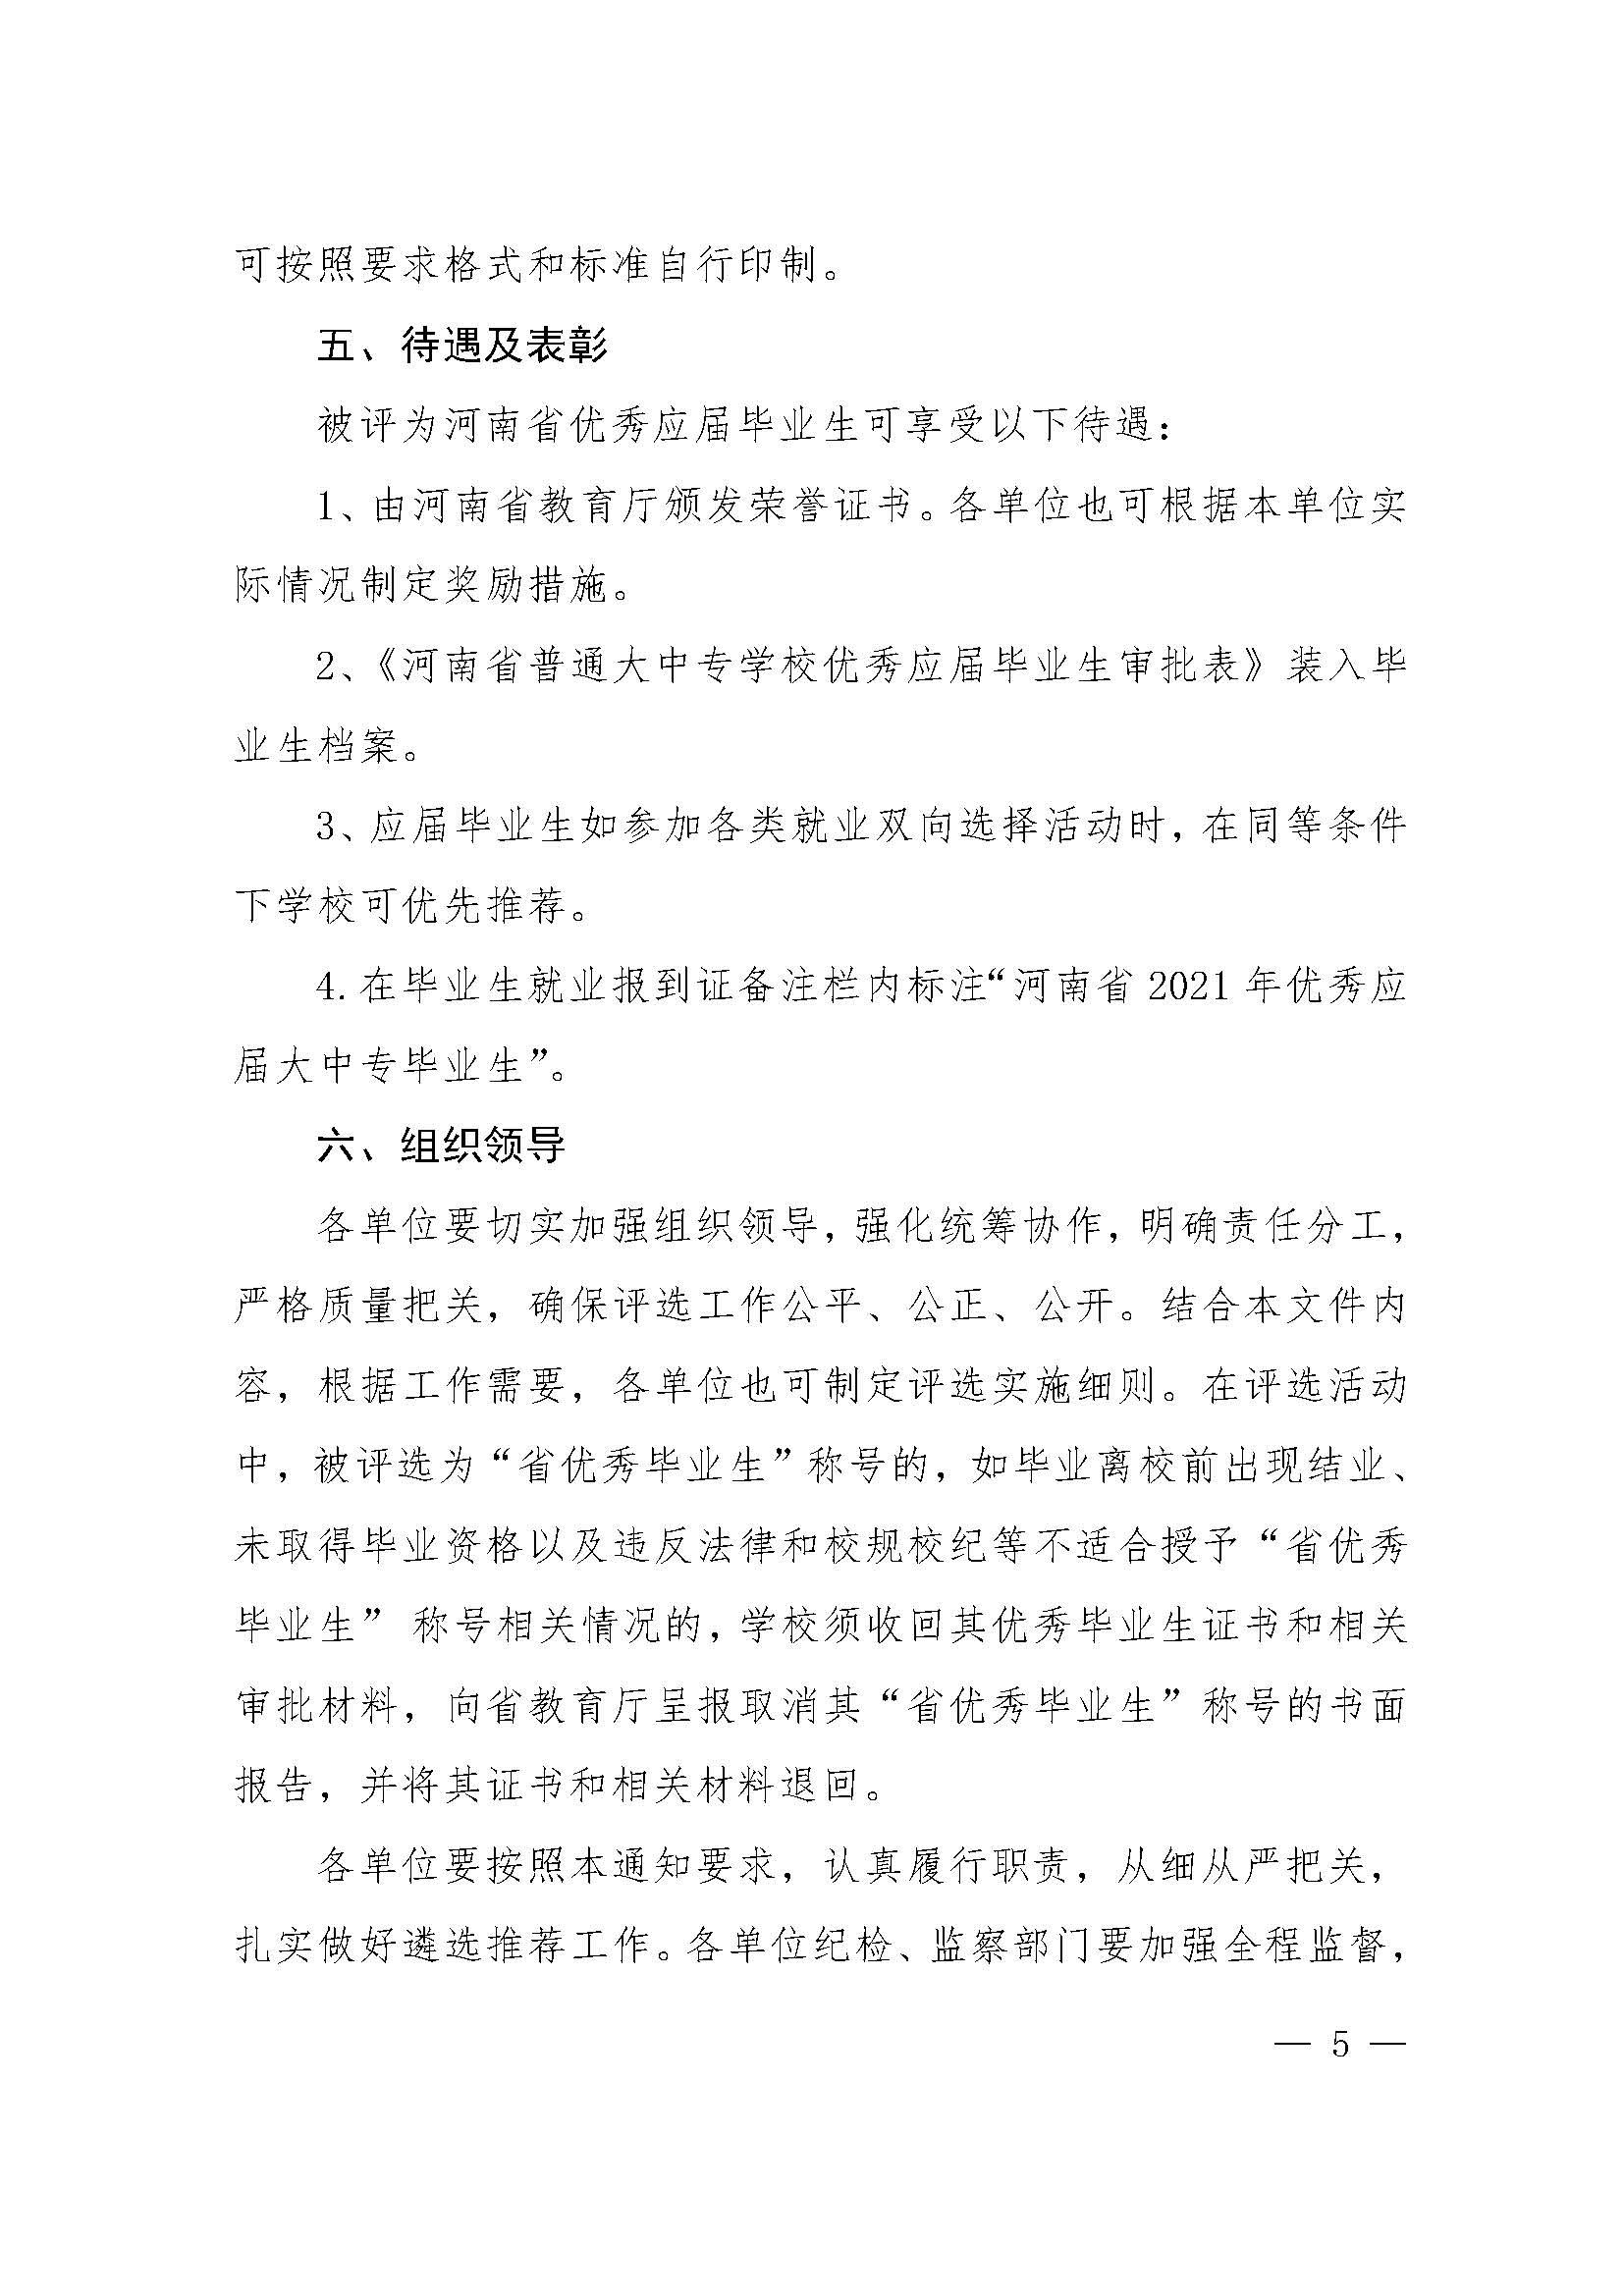 河南省教育厅办公室关于评选河南省普通大中专学校2021年优秀应届毕业生的通知_页面_05.jpg